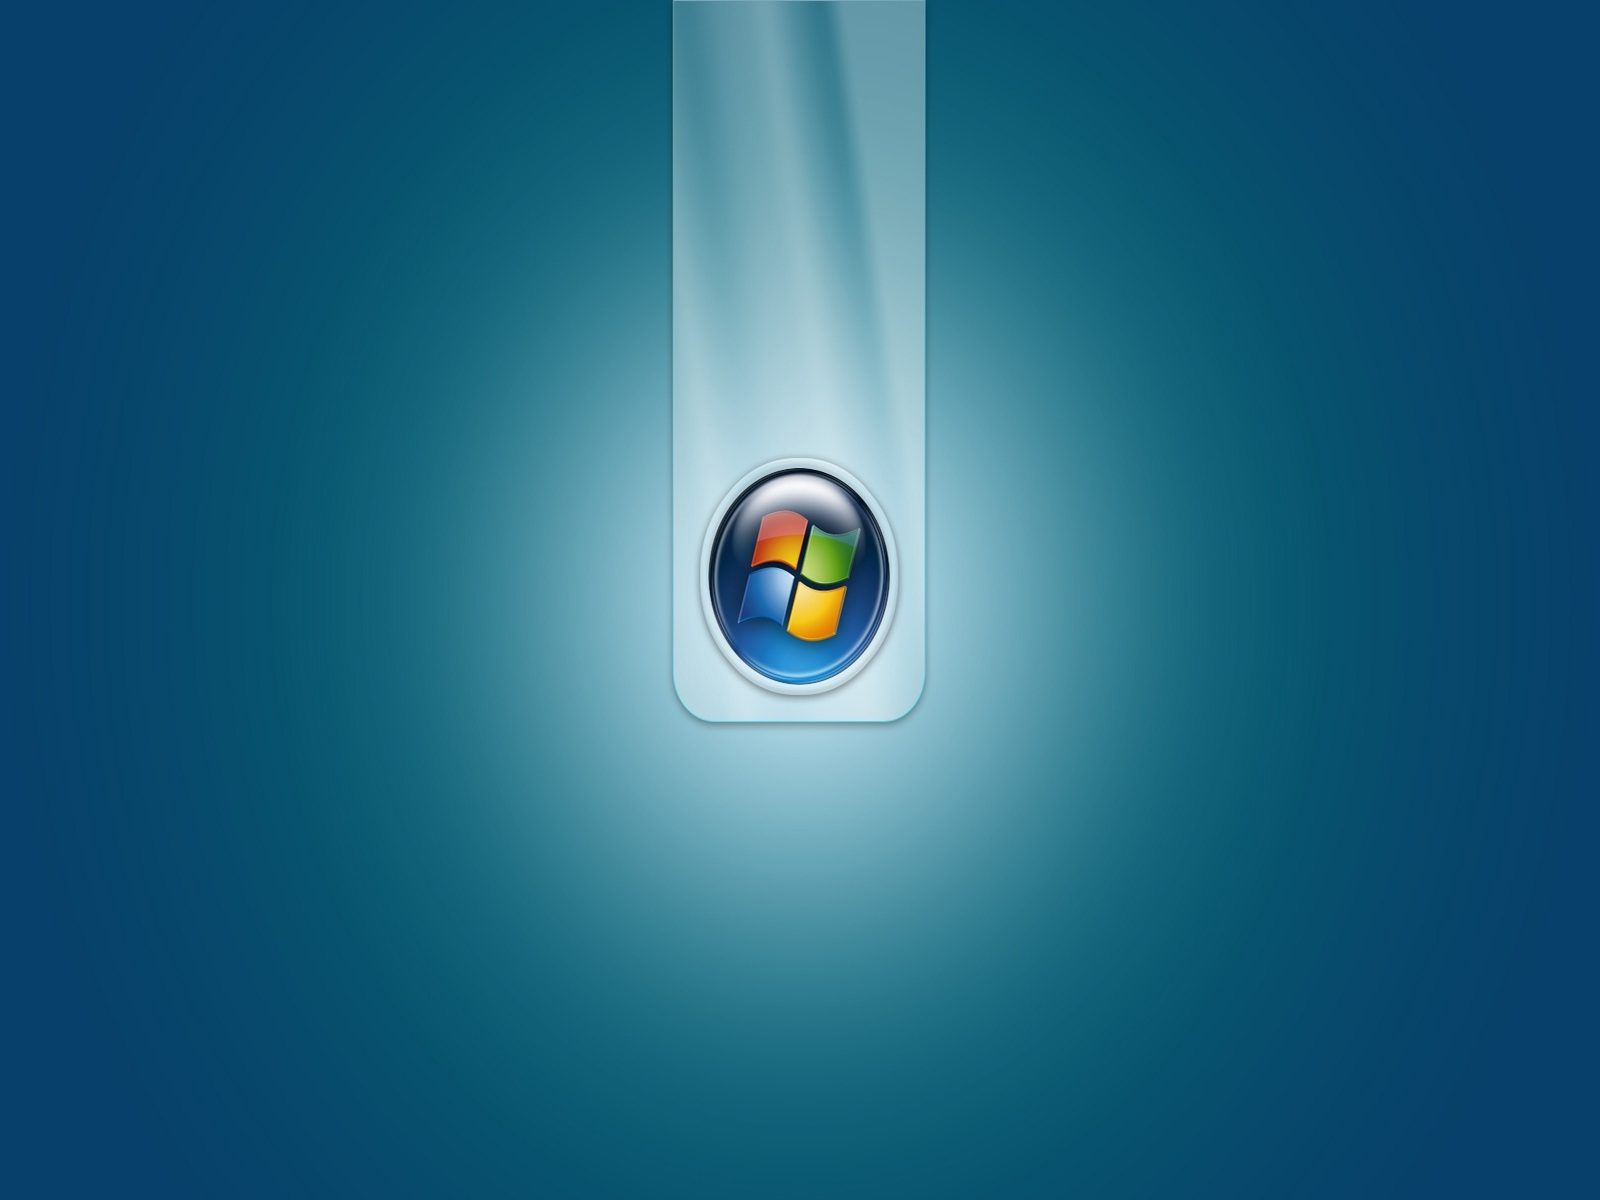 mac wallpaper for windows wallpapersafari